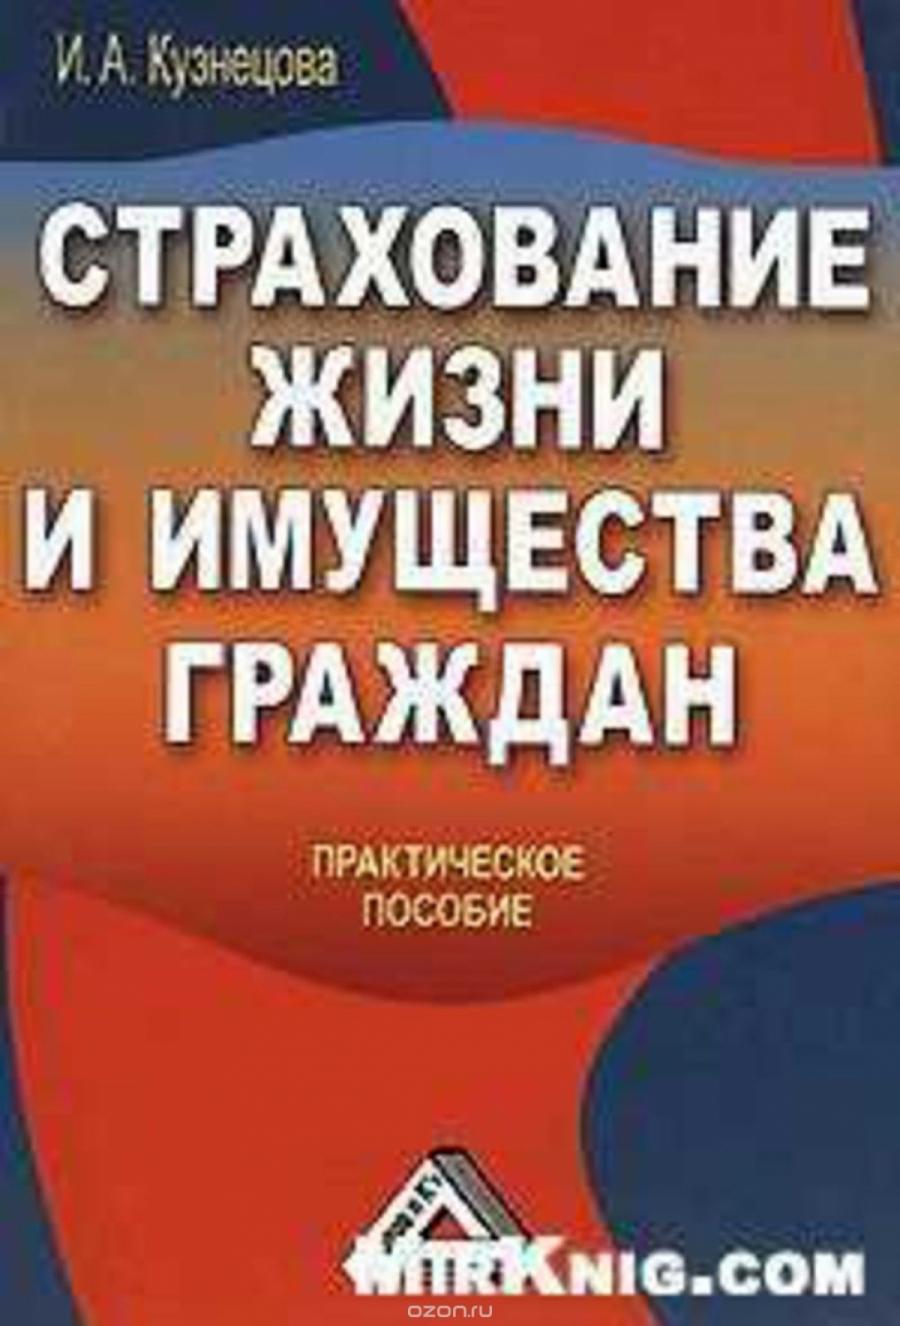 Обложка книги:  кузнецова и.а. - страхование жизни и имущества граждан